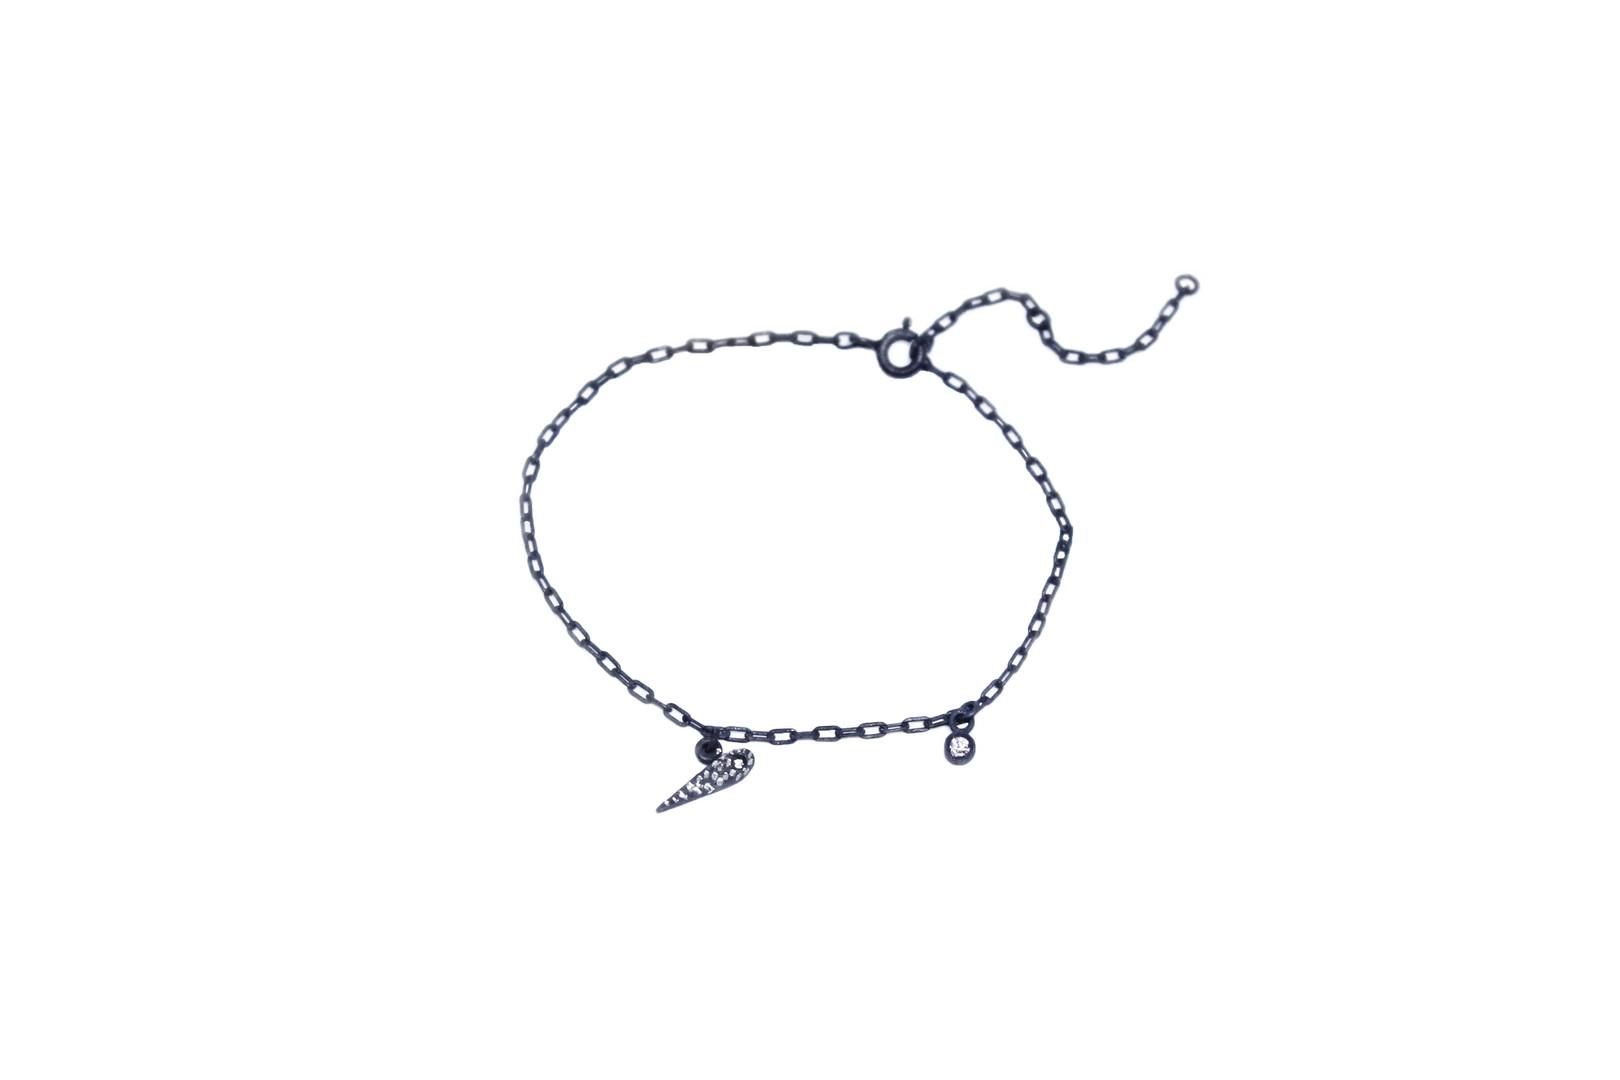 bracelete_celestial_rdelbon.jpg